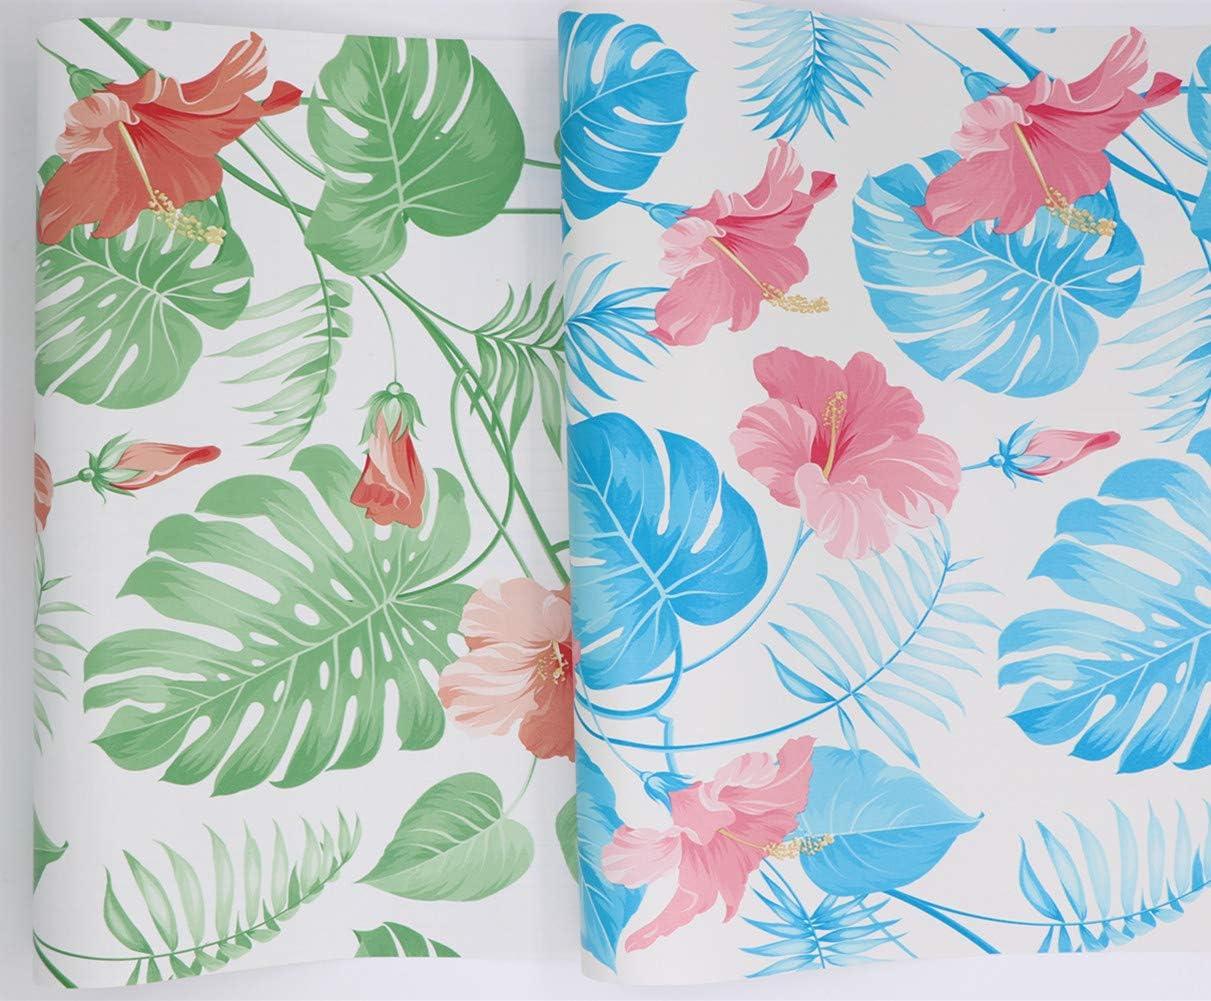 Hode Tropical Papier Adhesif Decoratif pour Meuble Porte Decoration Mural Peinture Autocollant Vert Feuilles 45X200cm